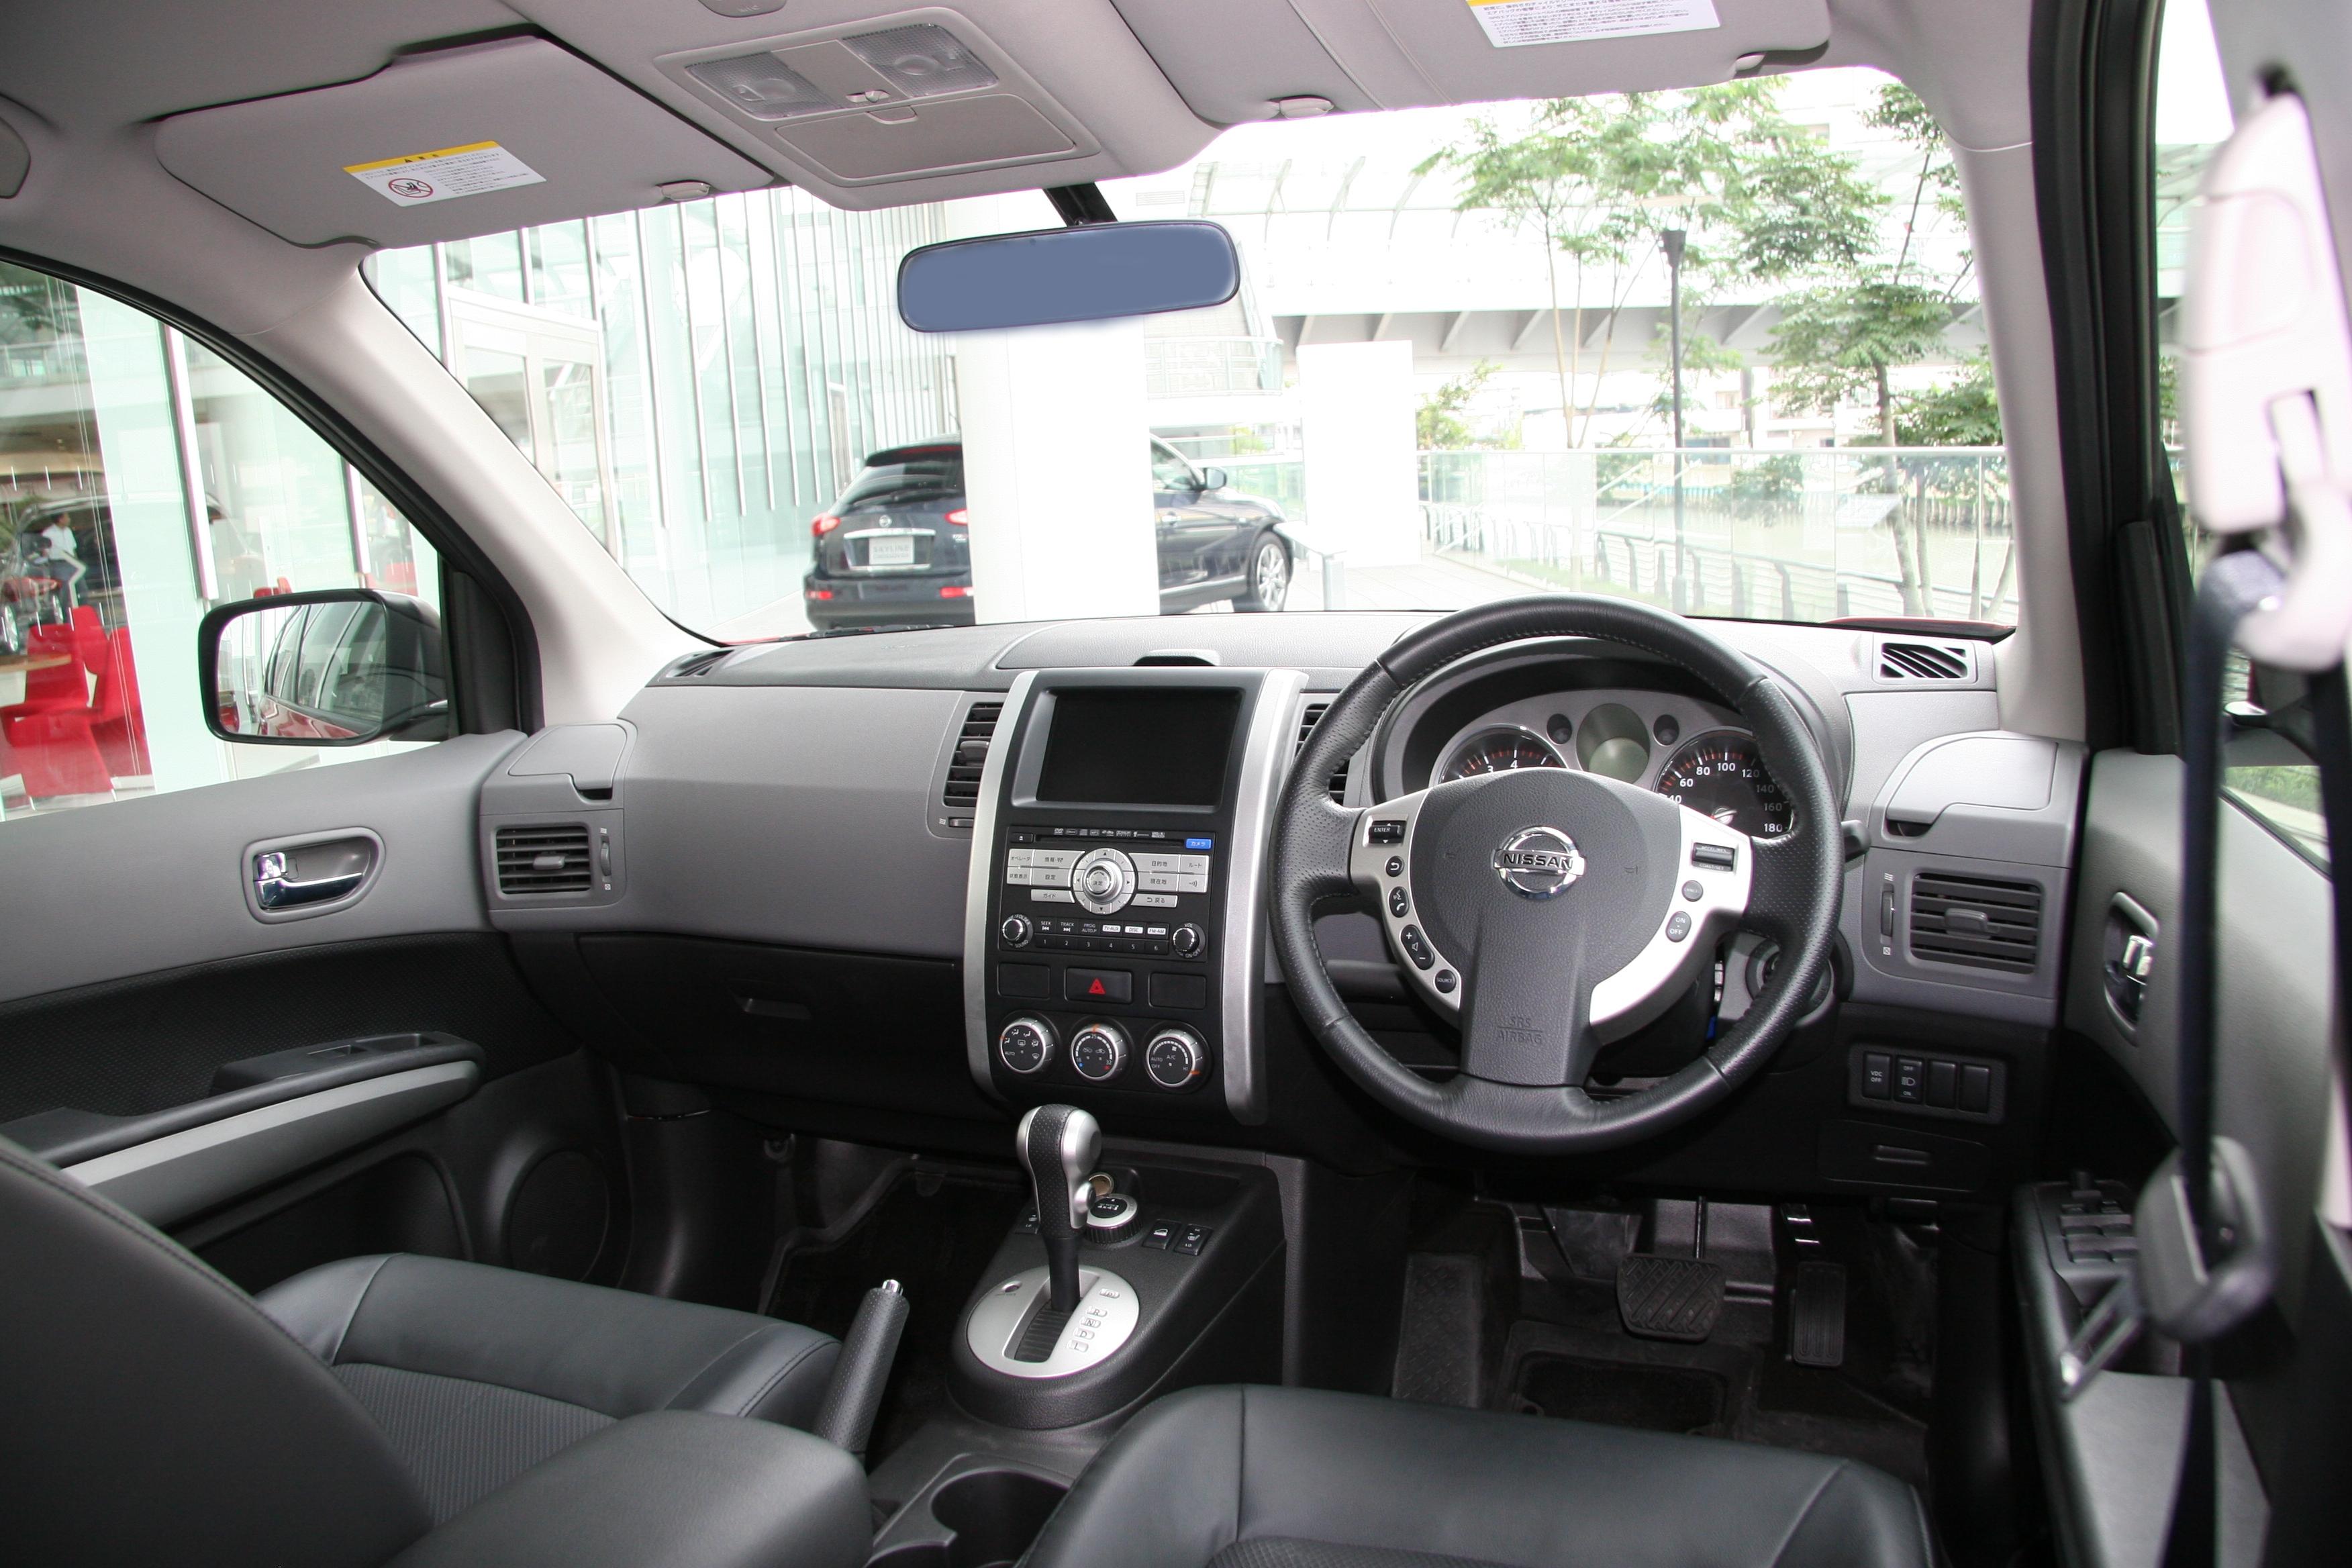 Nissan X Trail >> File:NISSAN X-TRAIL T31 interior.jpg - Wikimedia Commons